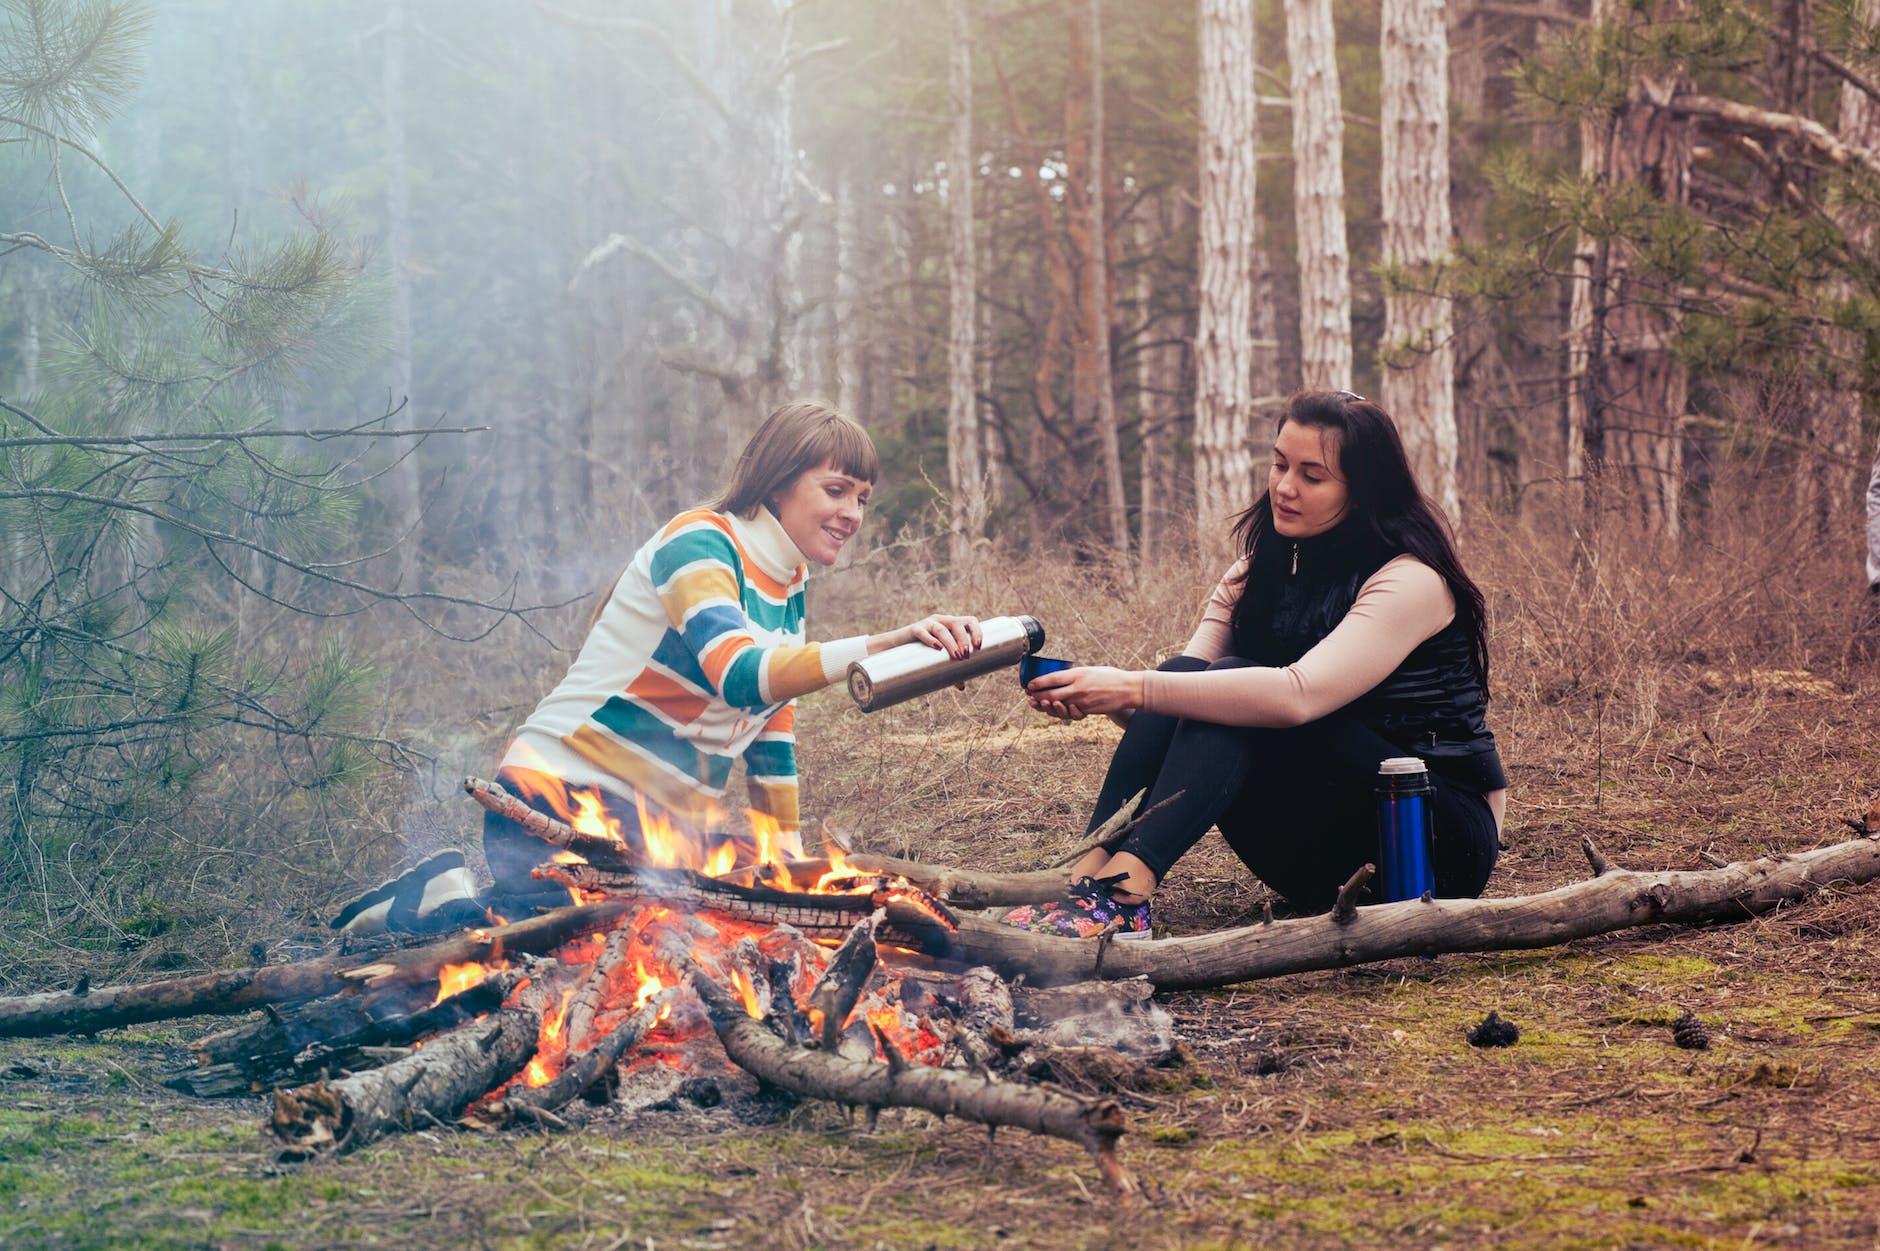 women camping fire two girls